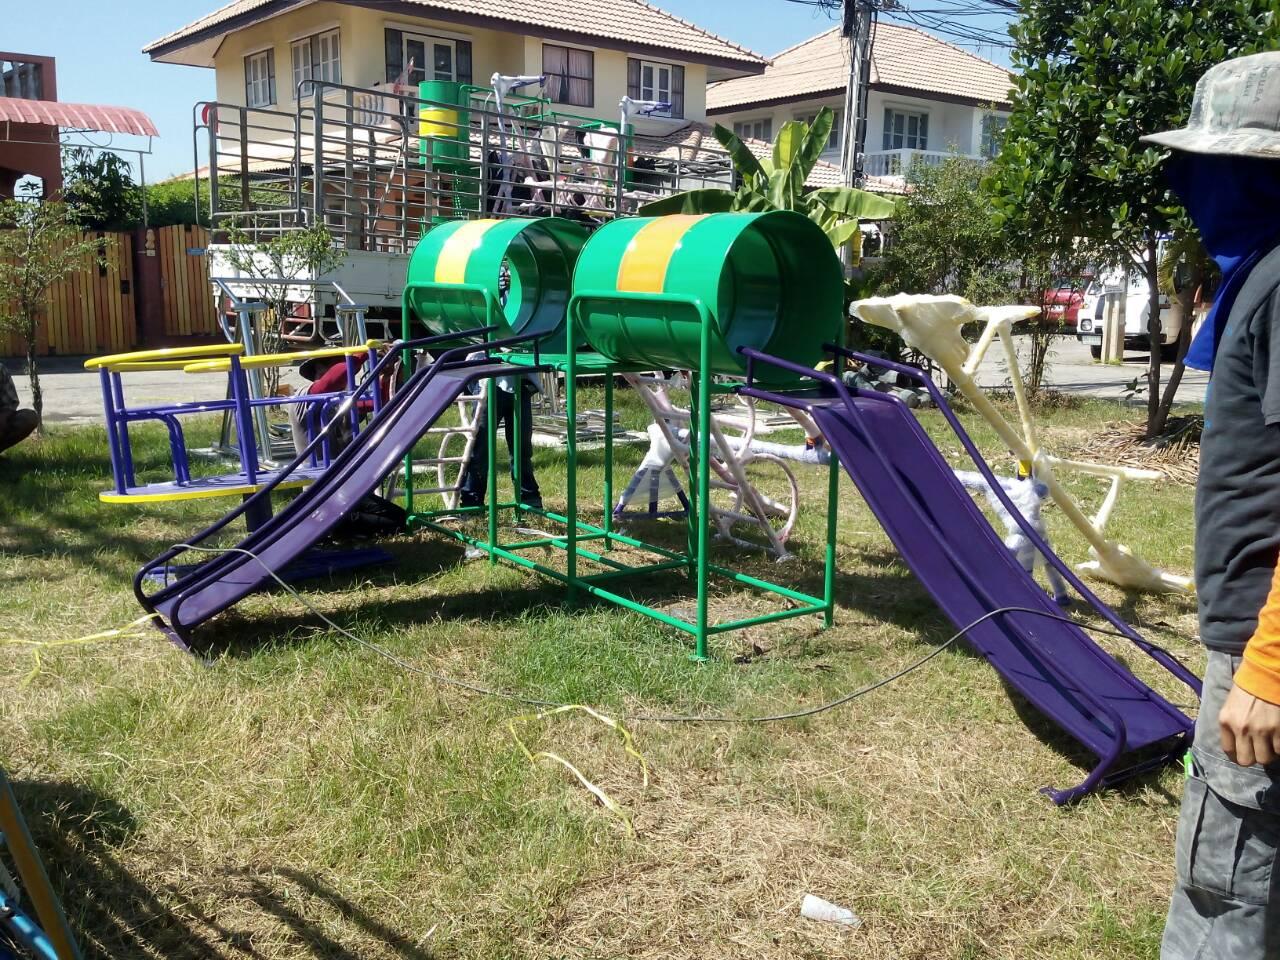 รหัส PG ผลงานติดตั้ง (หมู่บ้านบัวทองธานี3 จ.นนทบุรี) เครื่องเล่นสนามกลางแจ้งสำหรับเด็ก